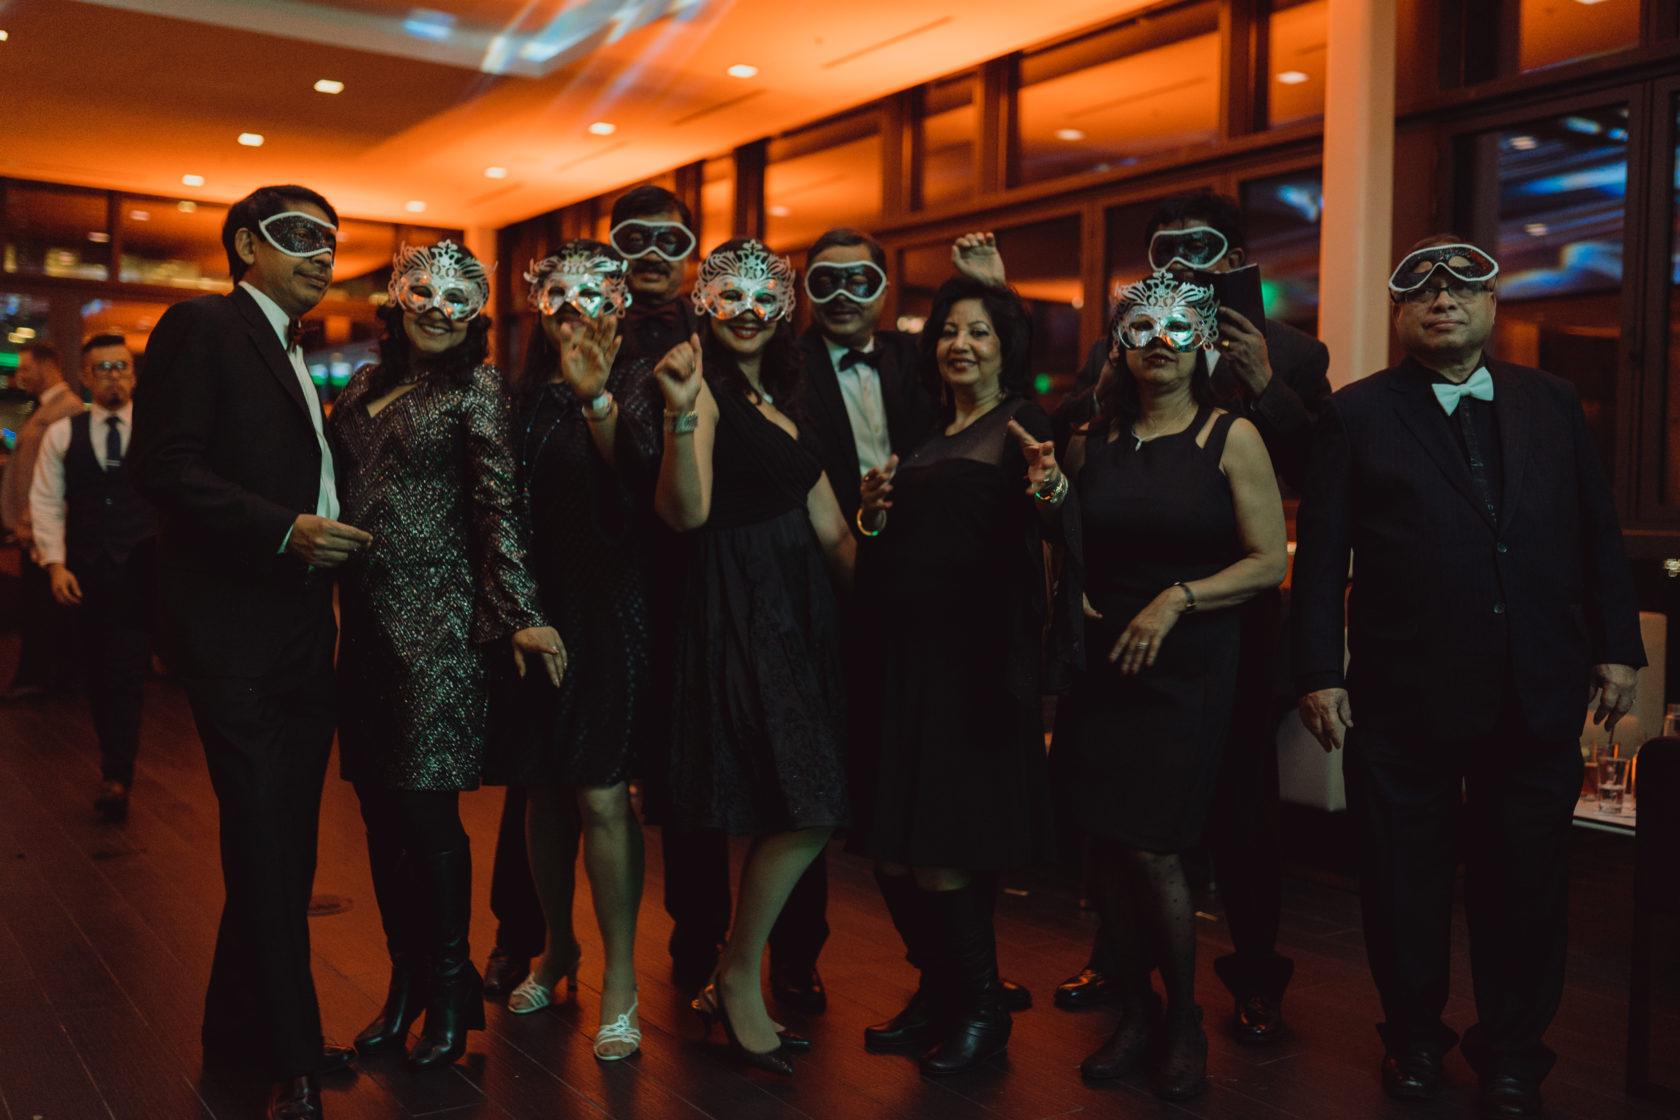 New Year's Eve Masquerade Ball Recap